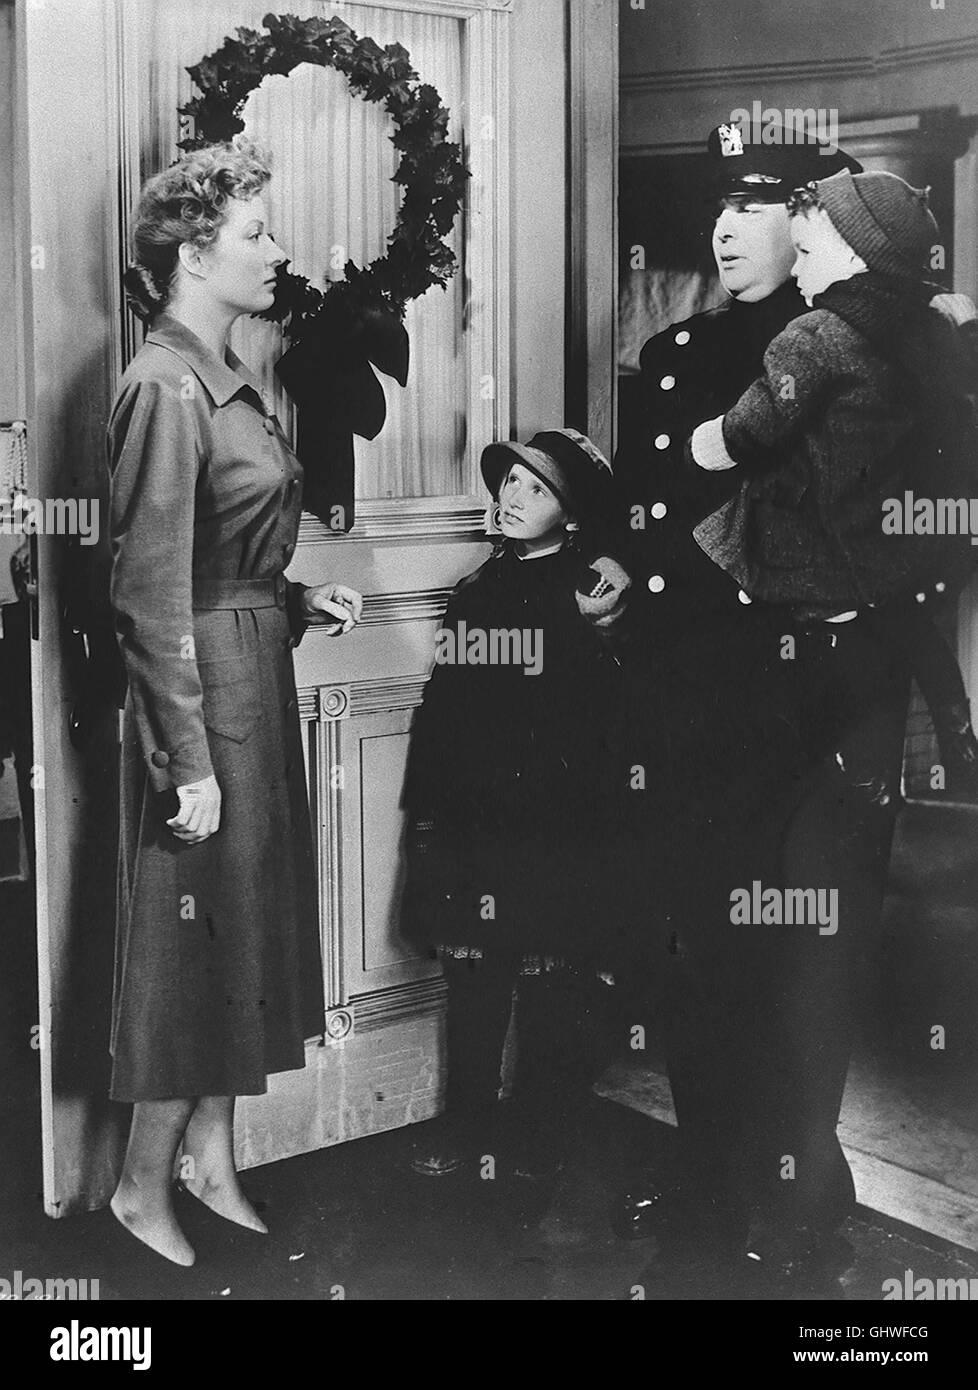 BLÜTEN IM STAUB Blossoms in dust USA 1941 Als die jungverheiratete Edna Gladney ihrem Mann Sam nach Texas folgt, steht sie noch unter dem Eindruck eines schmerzlichen Verlustes: Ihre Pflegeschwester Charlotte hatte sich das Leben genommen. Edna bekommt einen Sohn, der jedoch nach einigen Jahren tödlich verunglückt. Da sie nie wieder ein Kind bekommen darf, ist sie natürlich tief bekümmert. Sam und der alte Arzt Dr. Breslar finden jedoch einen Weg, um sie wieder aufzurichten: Edna gründet eine Kindertagesstätte, um berufstätige Mütter zu entlasten. Szene mit Edna Gladney (GREER GARSON) Regie: Stock Photo